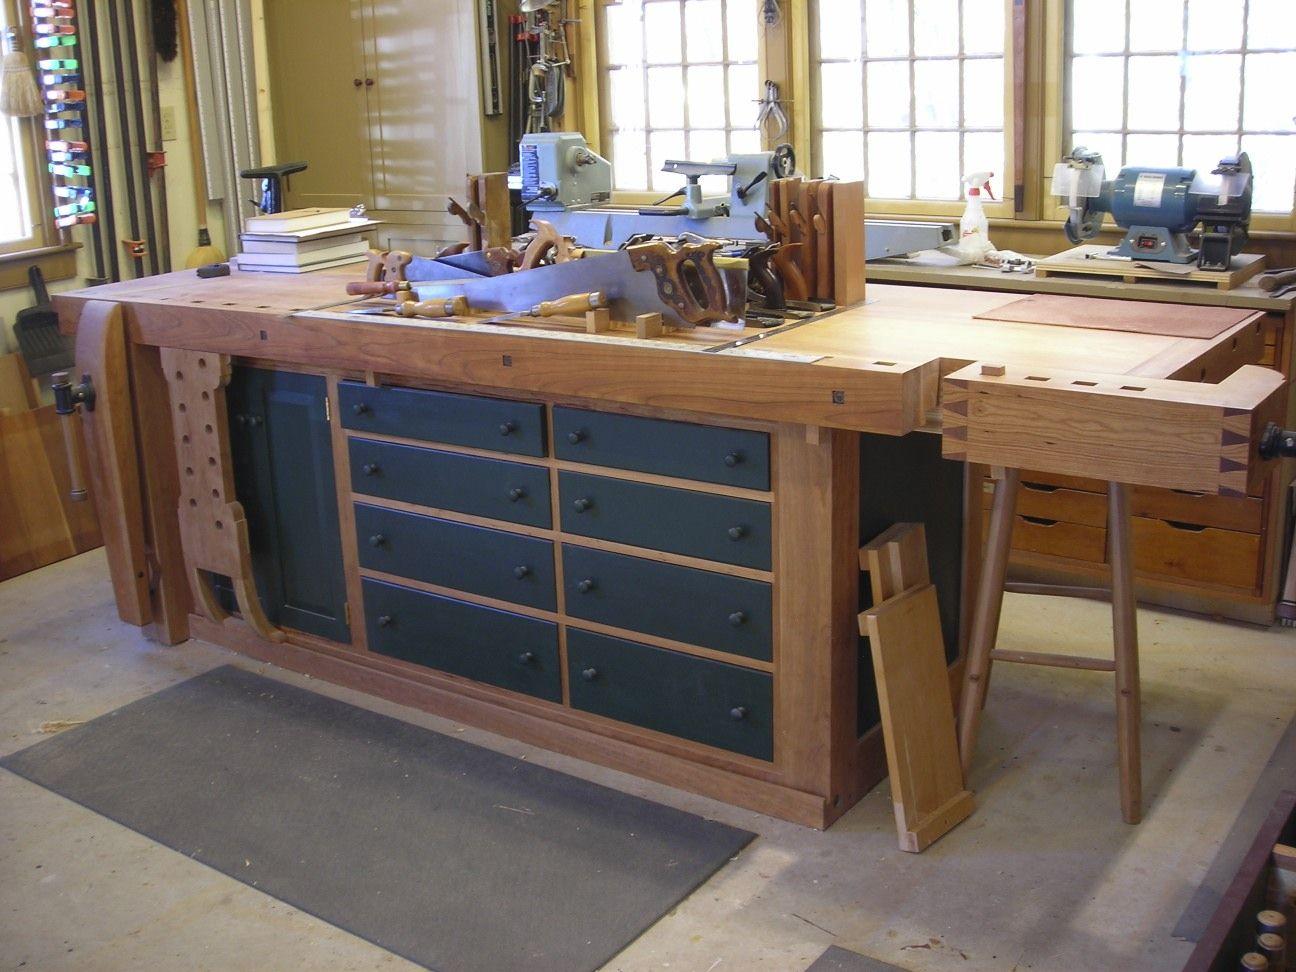 21 best workbench images on pinterest garage workshop wood and workbench garage workbenchworkbench ideasworkbench designsgarage workshopworkshop